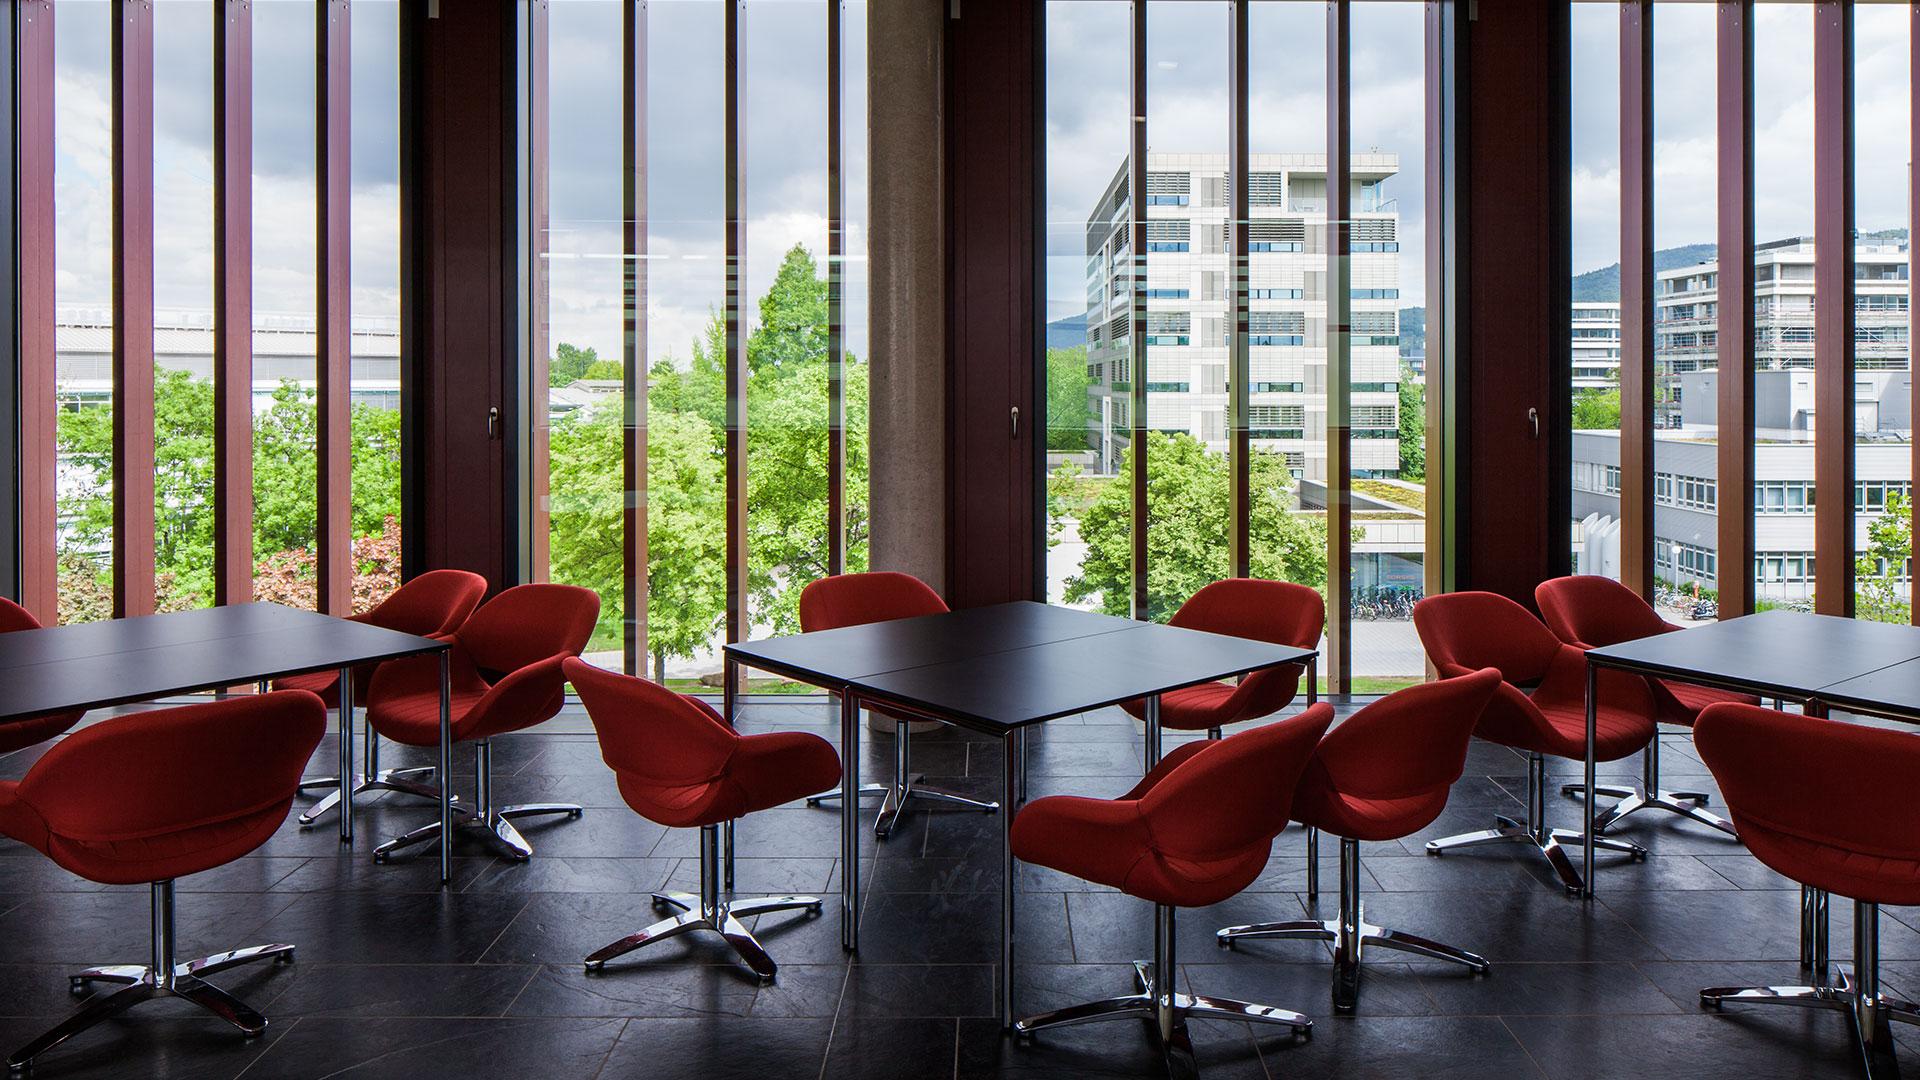 Physikalisches Institut Heidelberg 6 - ArGe Architekten